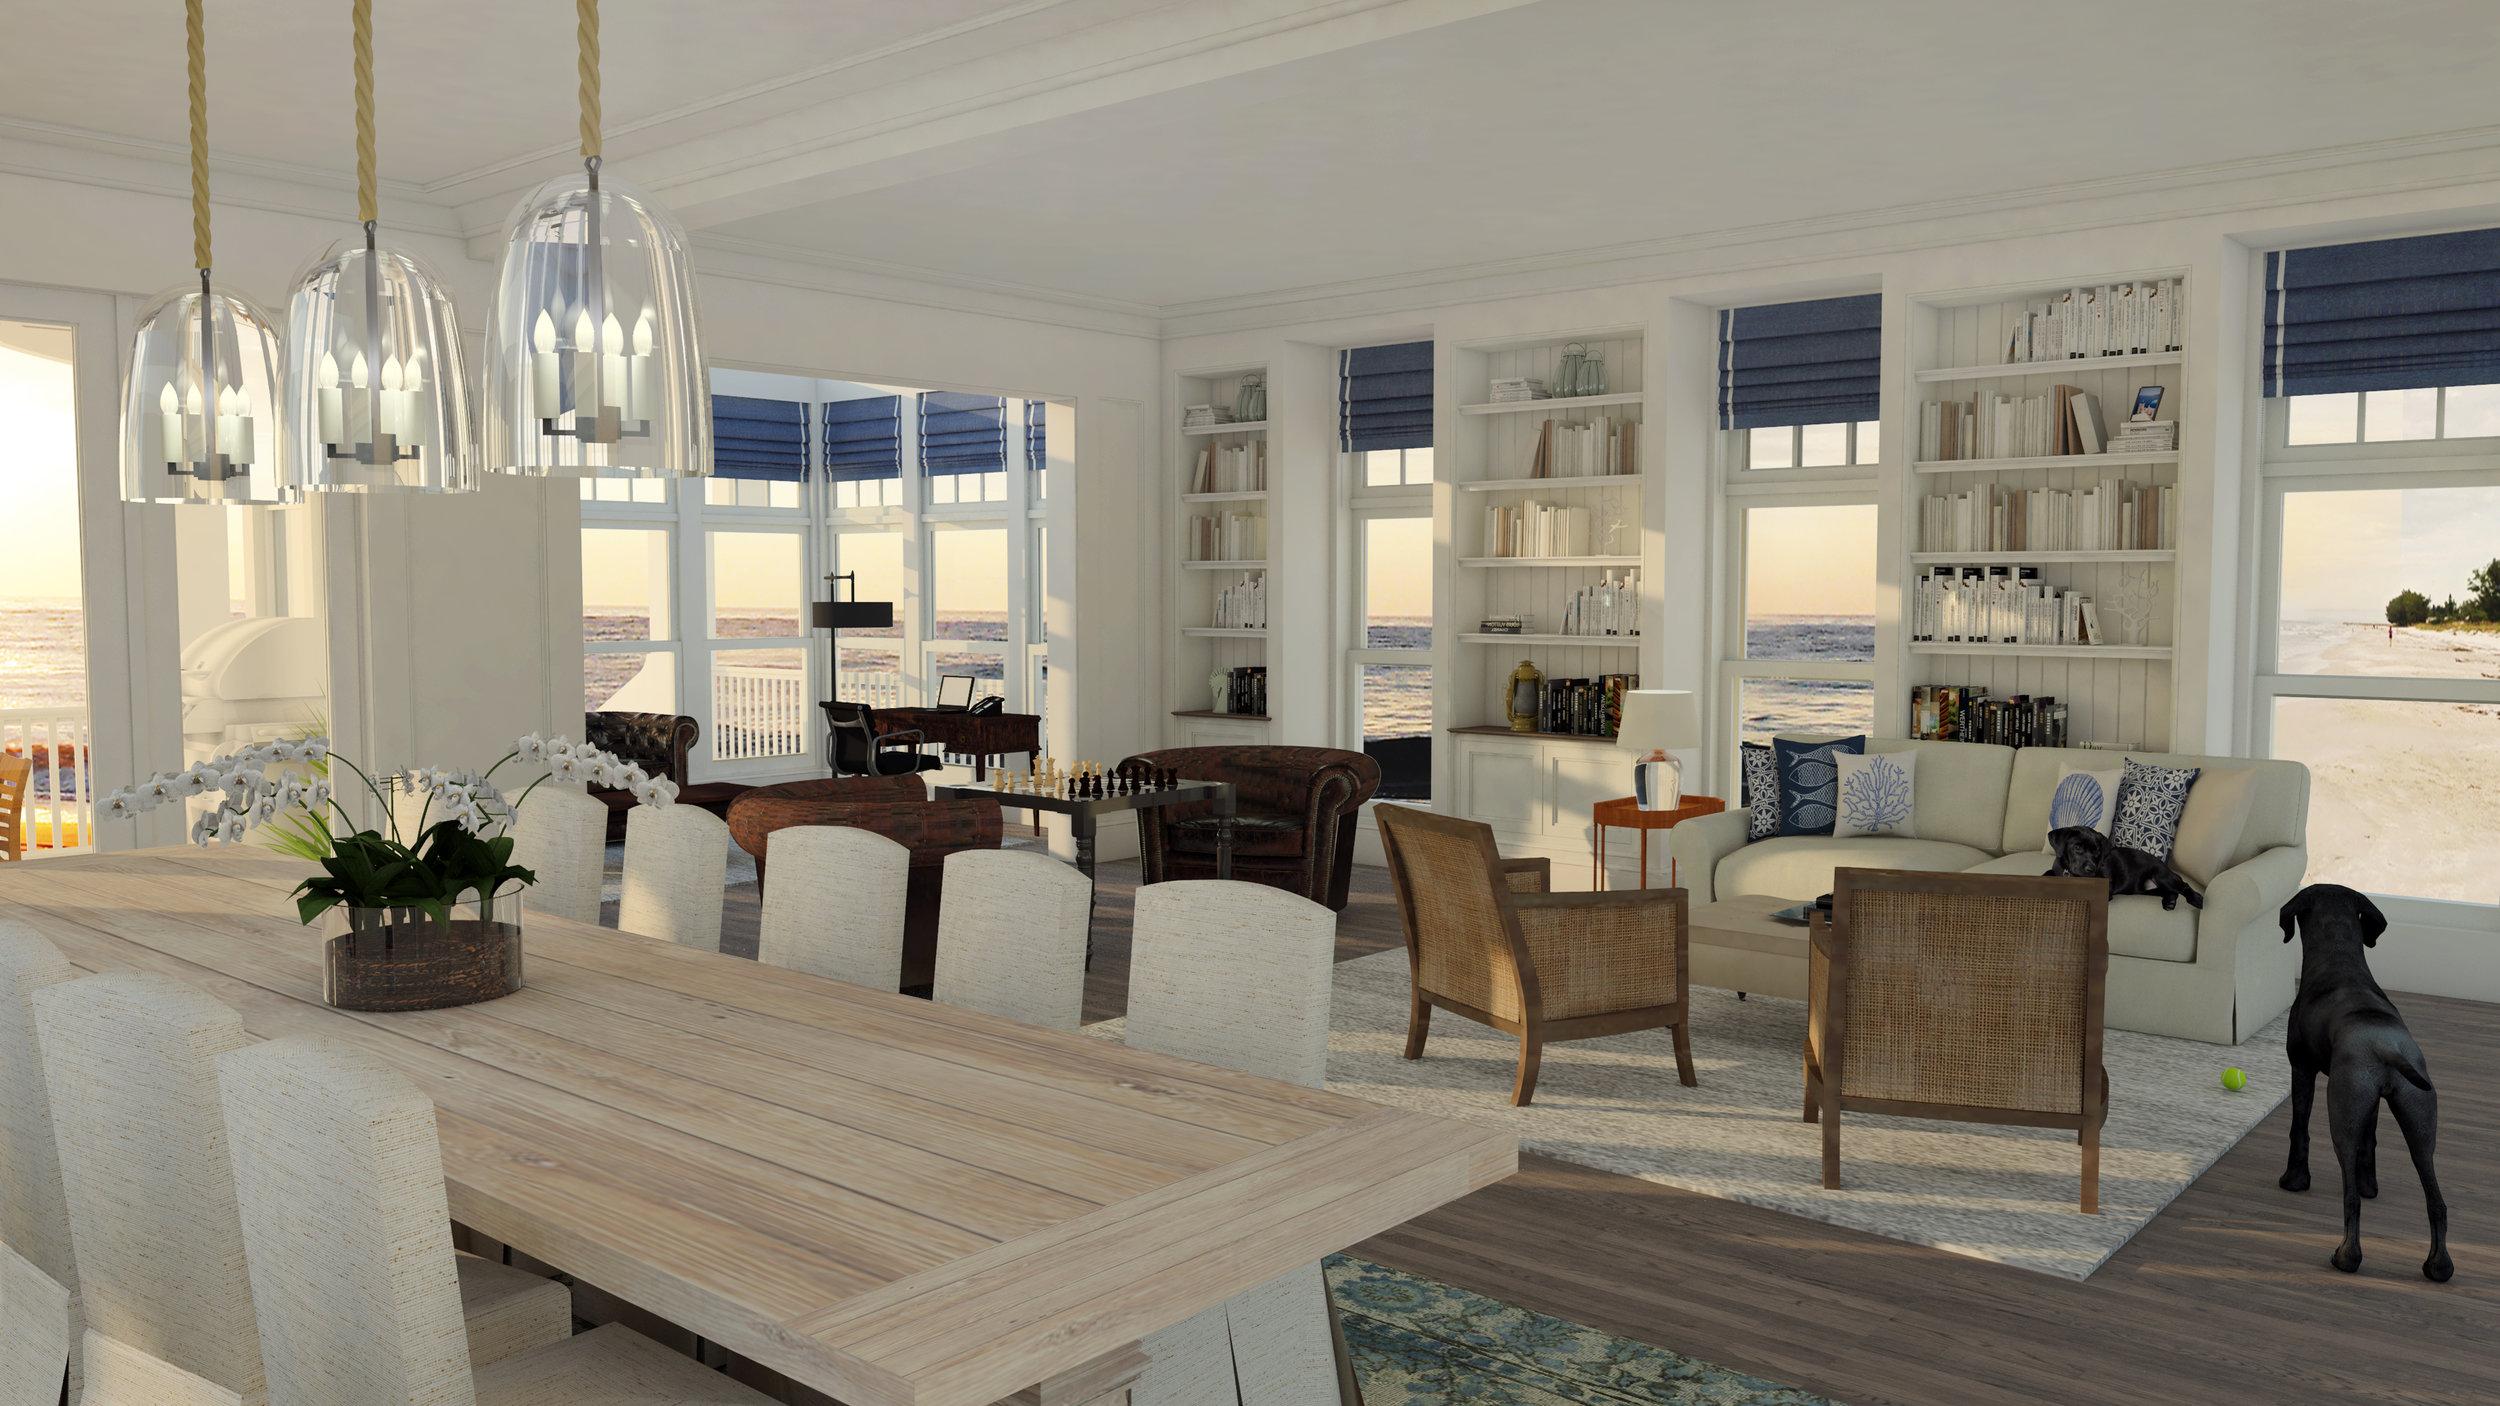 cote-kelly dining room2.jpg